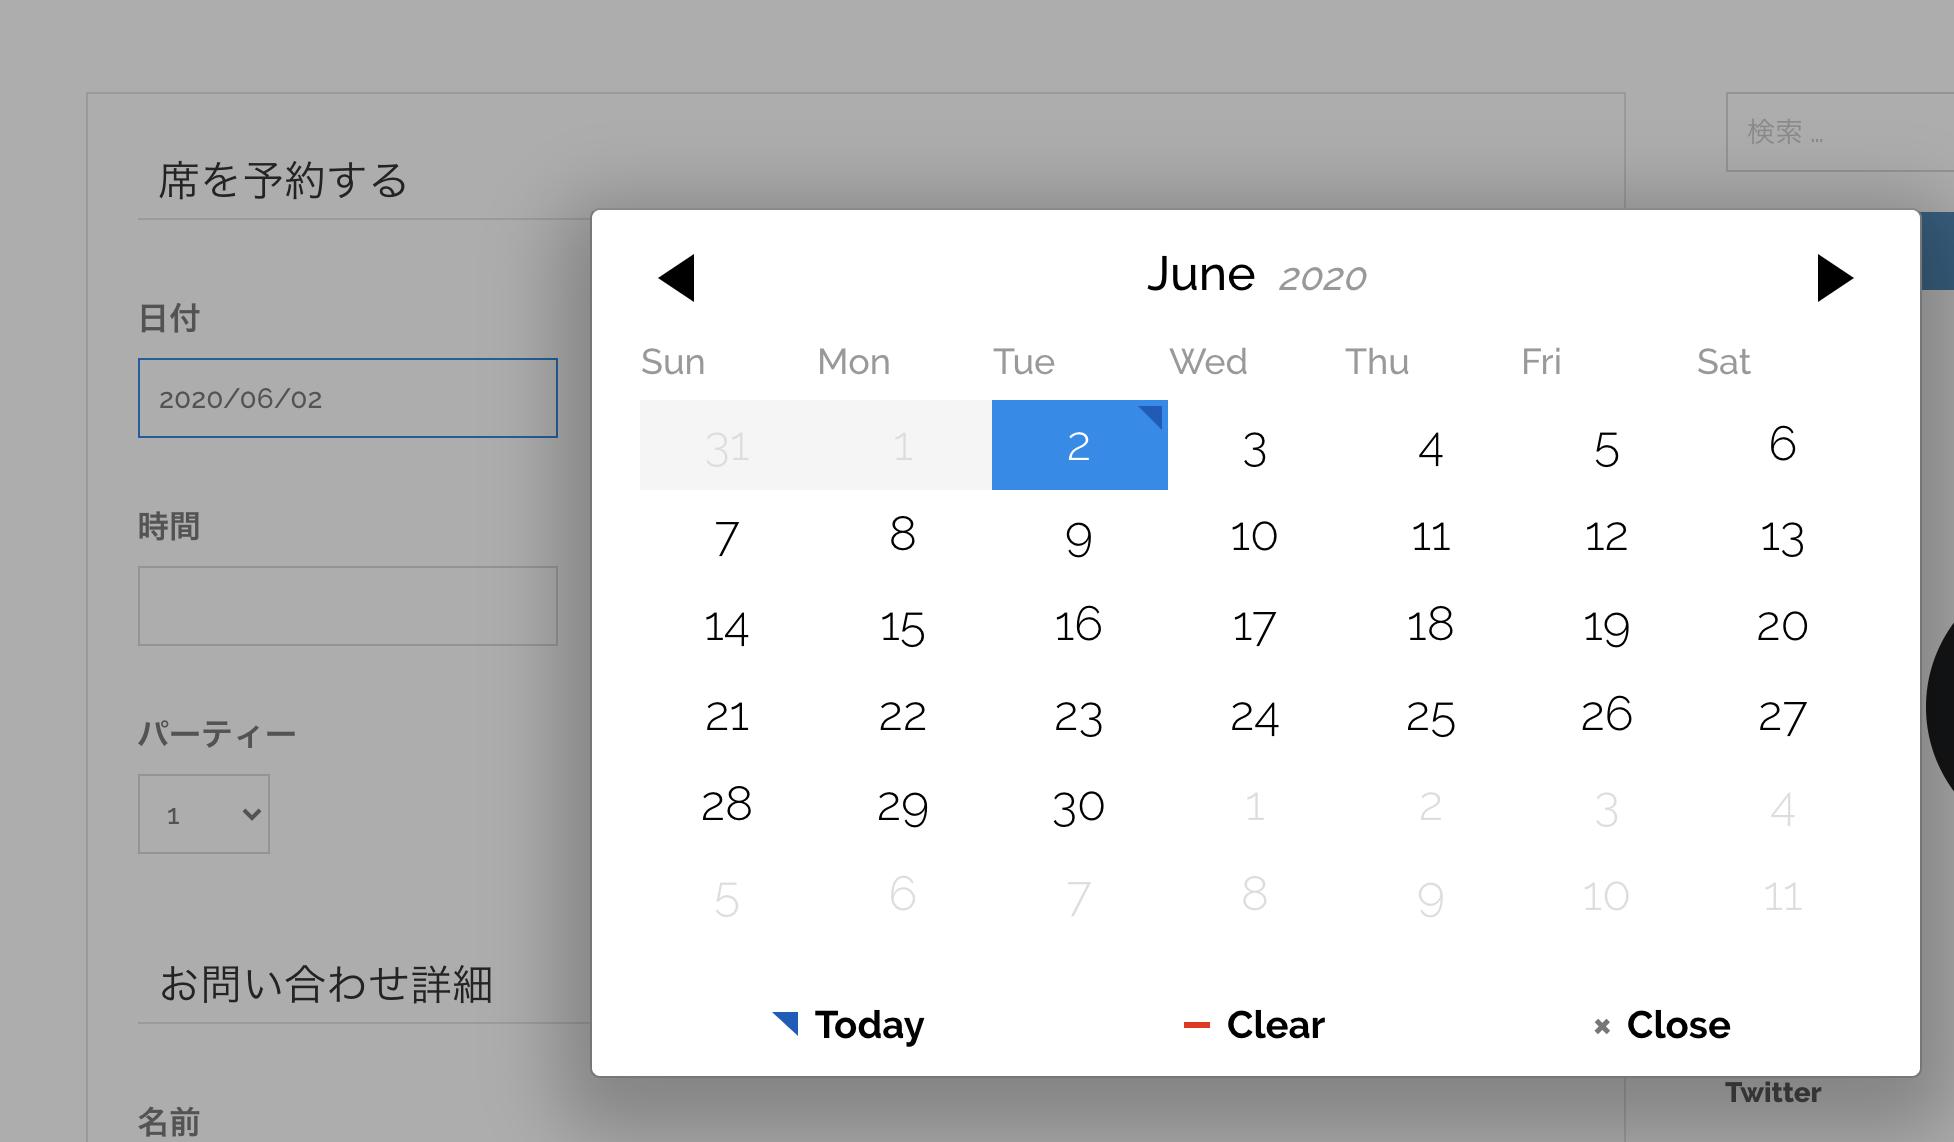 Contact Form 7 Datepickerは使えなくなったので代替案で予約やカレンダーで問い合わせプラグインを使う